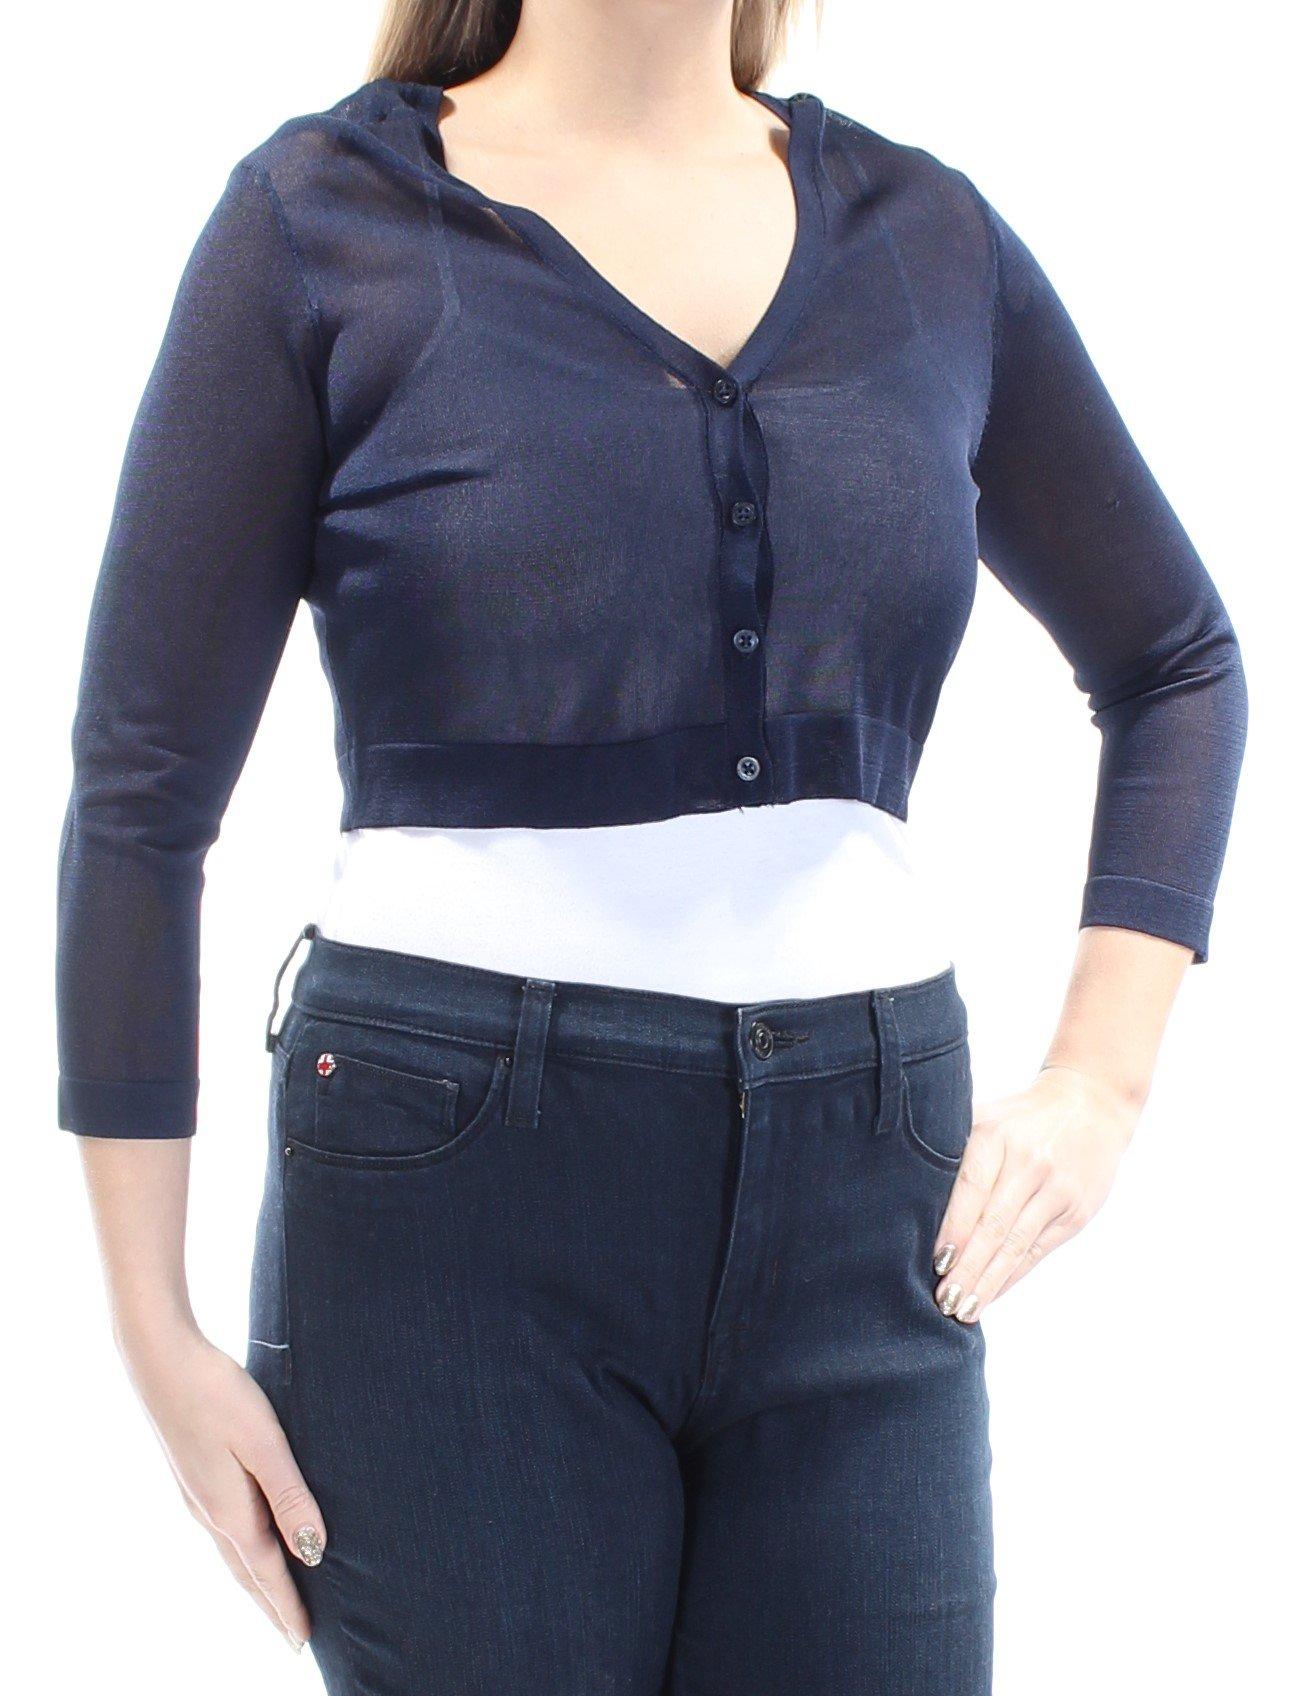 Lauren Ralph Lauren Womens Petites Sheer Long Sleeves Cardigan Top Navy PM